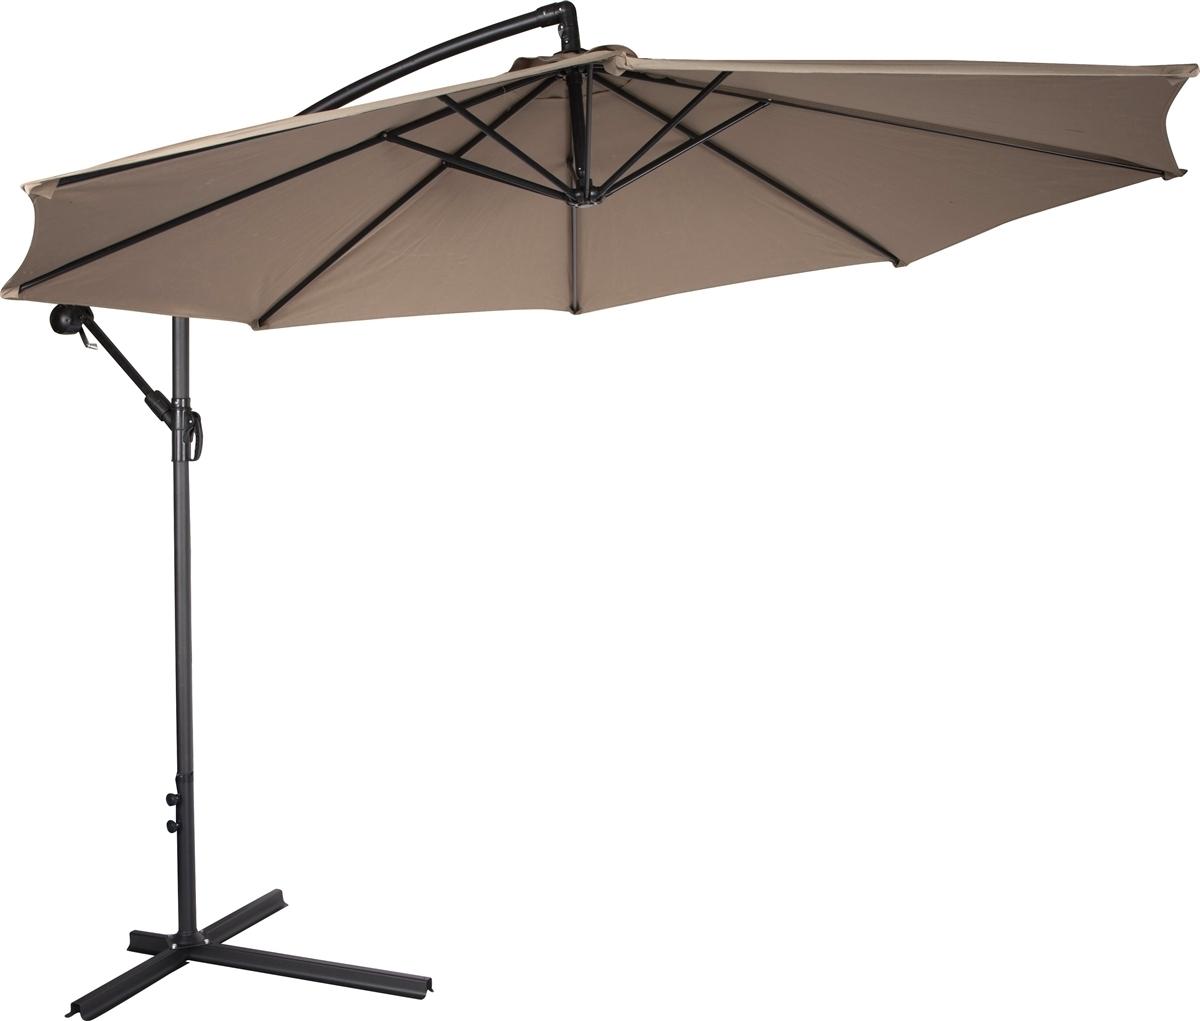 Custom Sunbrella Patio Umbrellas With Regard To Widely Used Buy Patio Umbrellas Custom Printed Square Canopy Market Umbrella (Gallery 20 of 20)